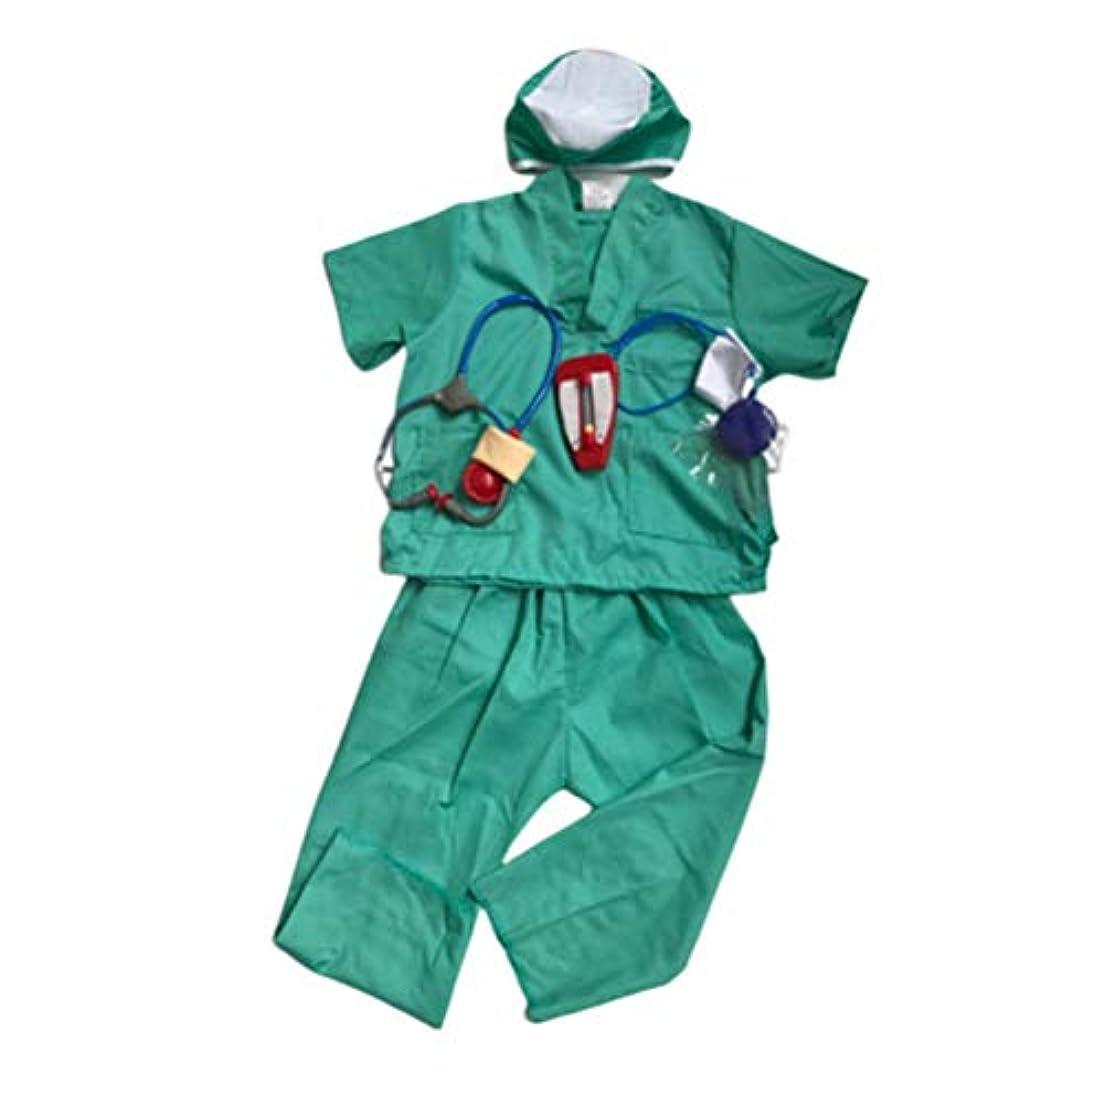 集中消防士コンバーチブルAmosfunドクターユニフォーム子供のための子供手術ガウンコスプレ衣装ロールプレイ衣装ハロウィン仮装パーティー